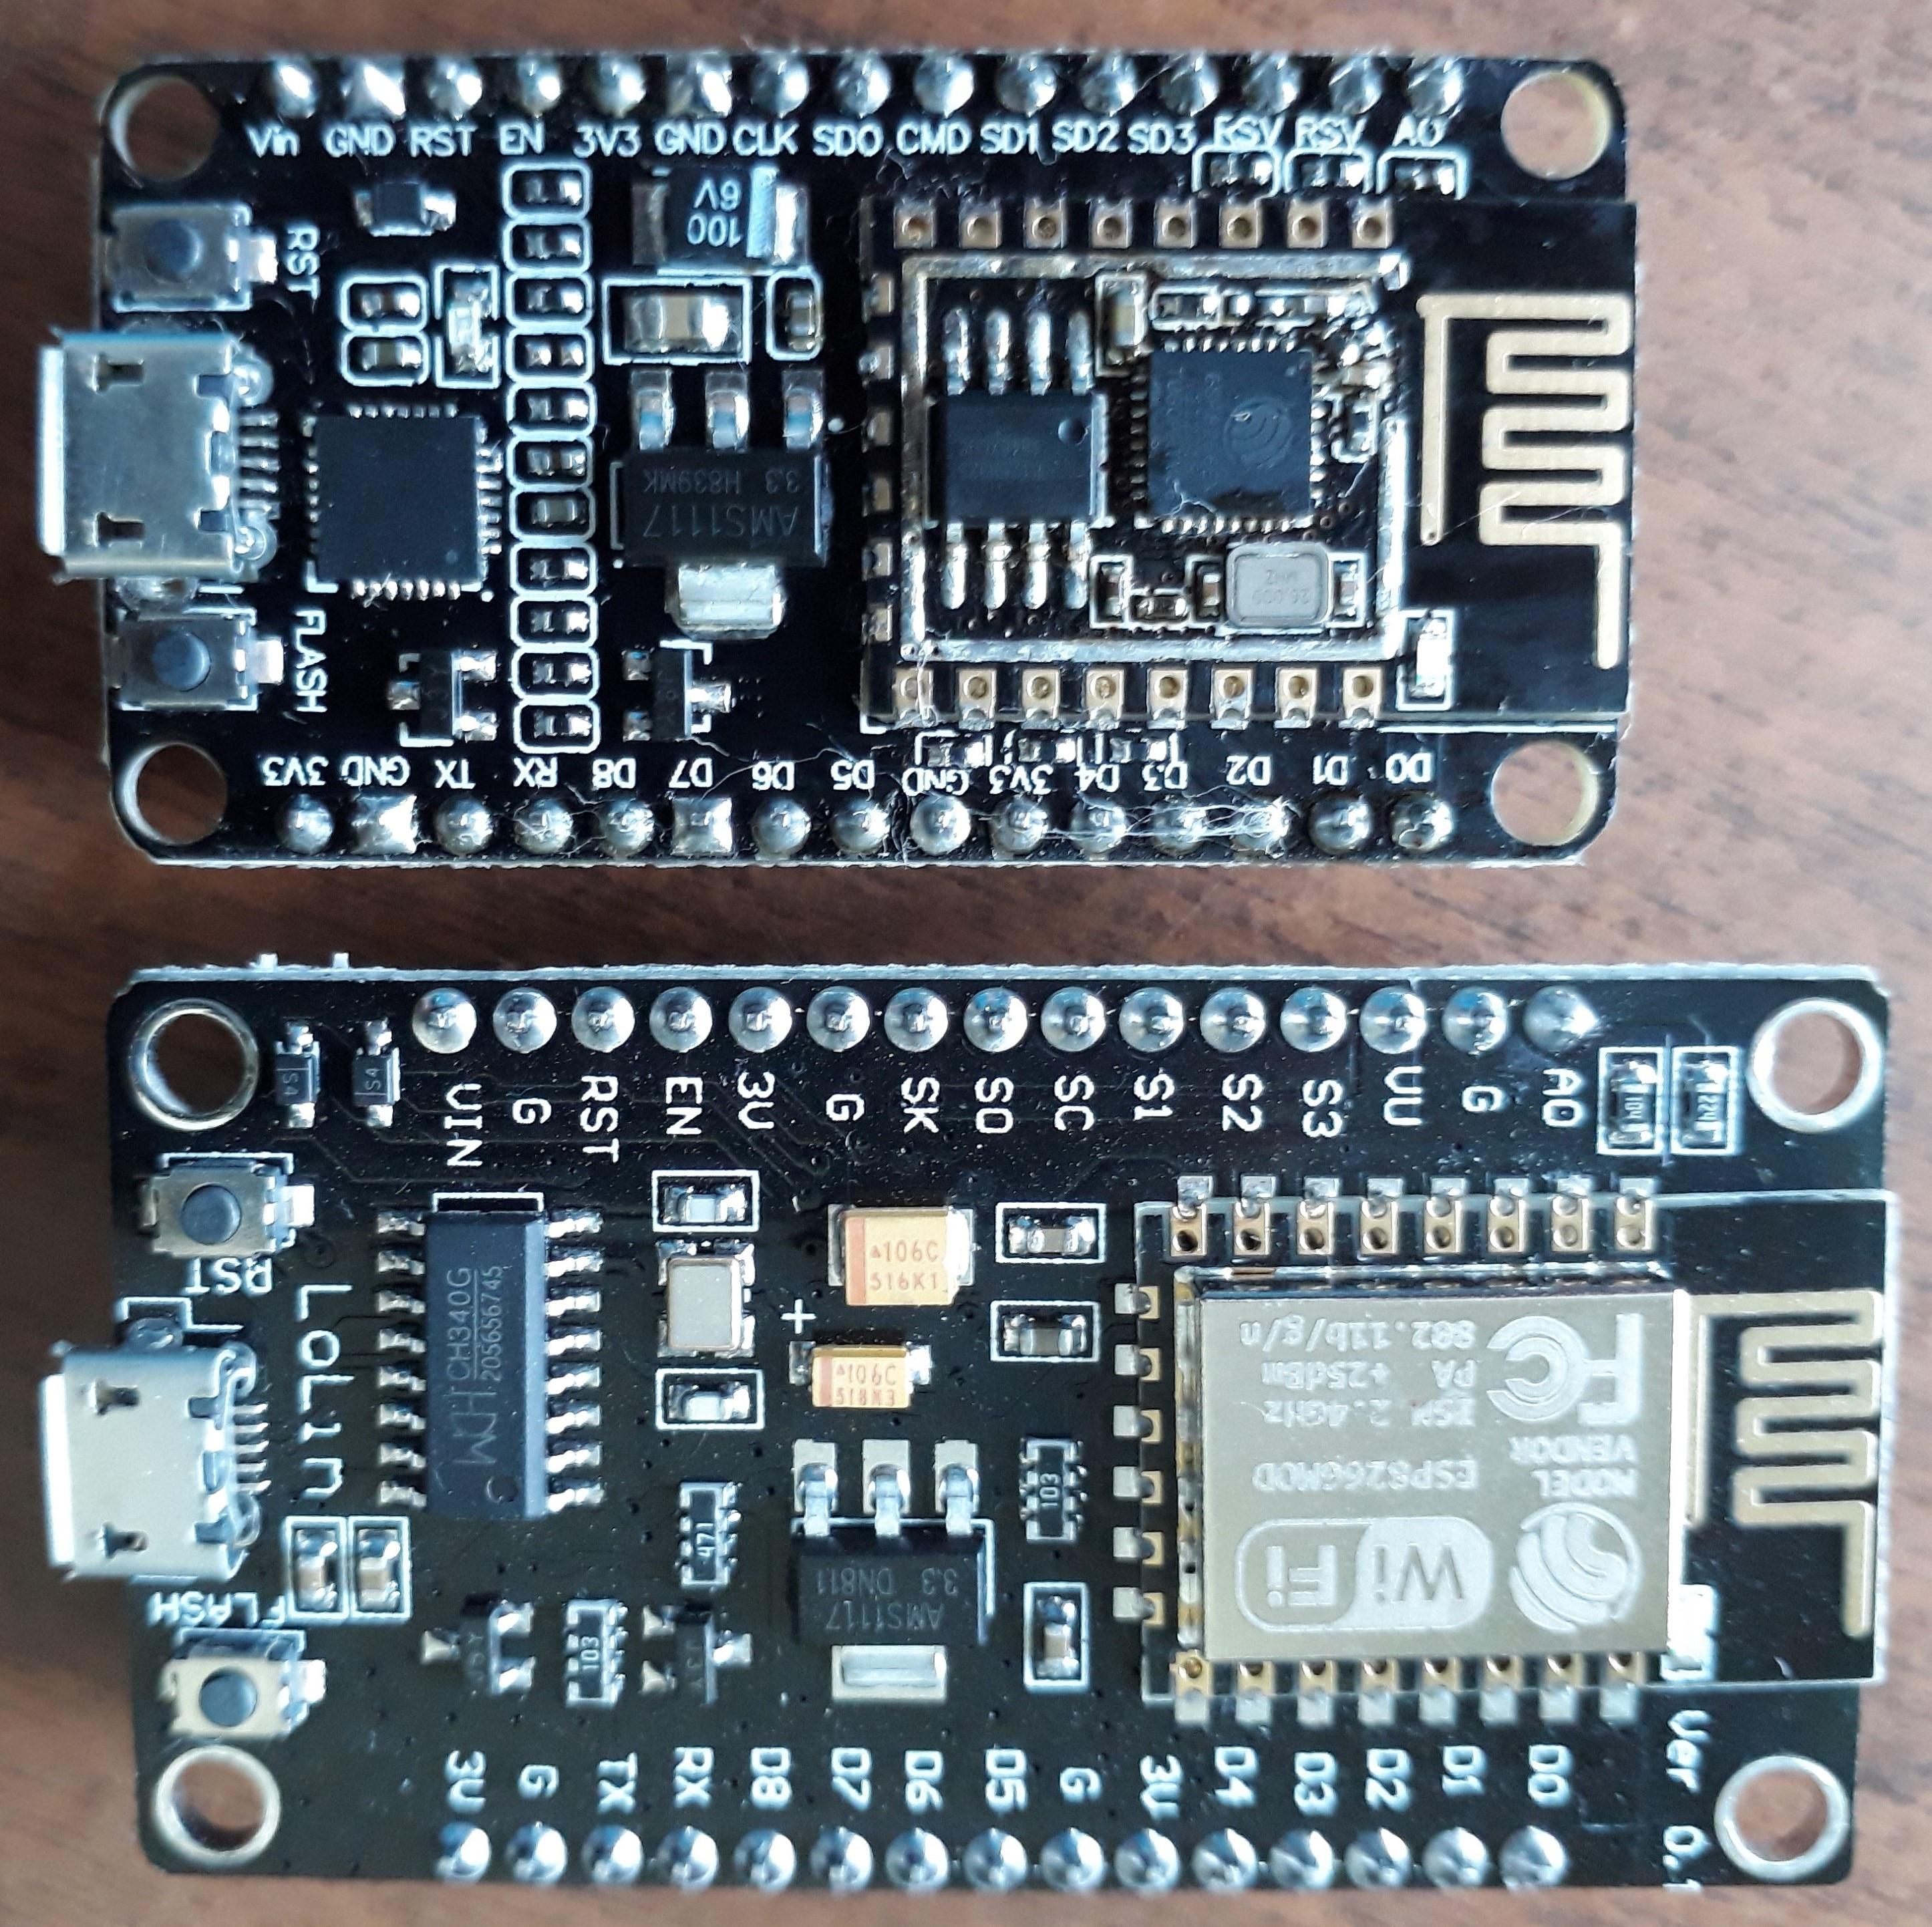 Wireless module NodeMcu v3 v2 ESP32 D1MINI Lua WIFI development board ESP8266 with pcb Antenna and usb port ESP-12E CH340 CP2102